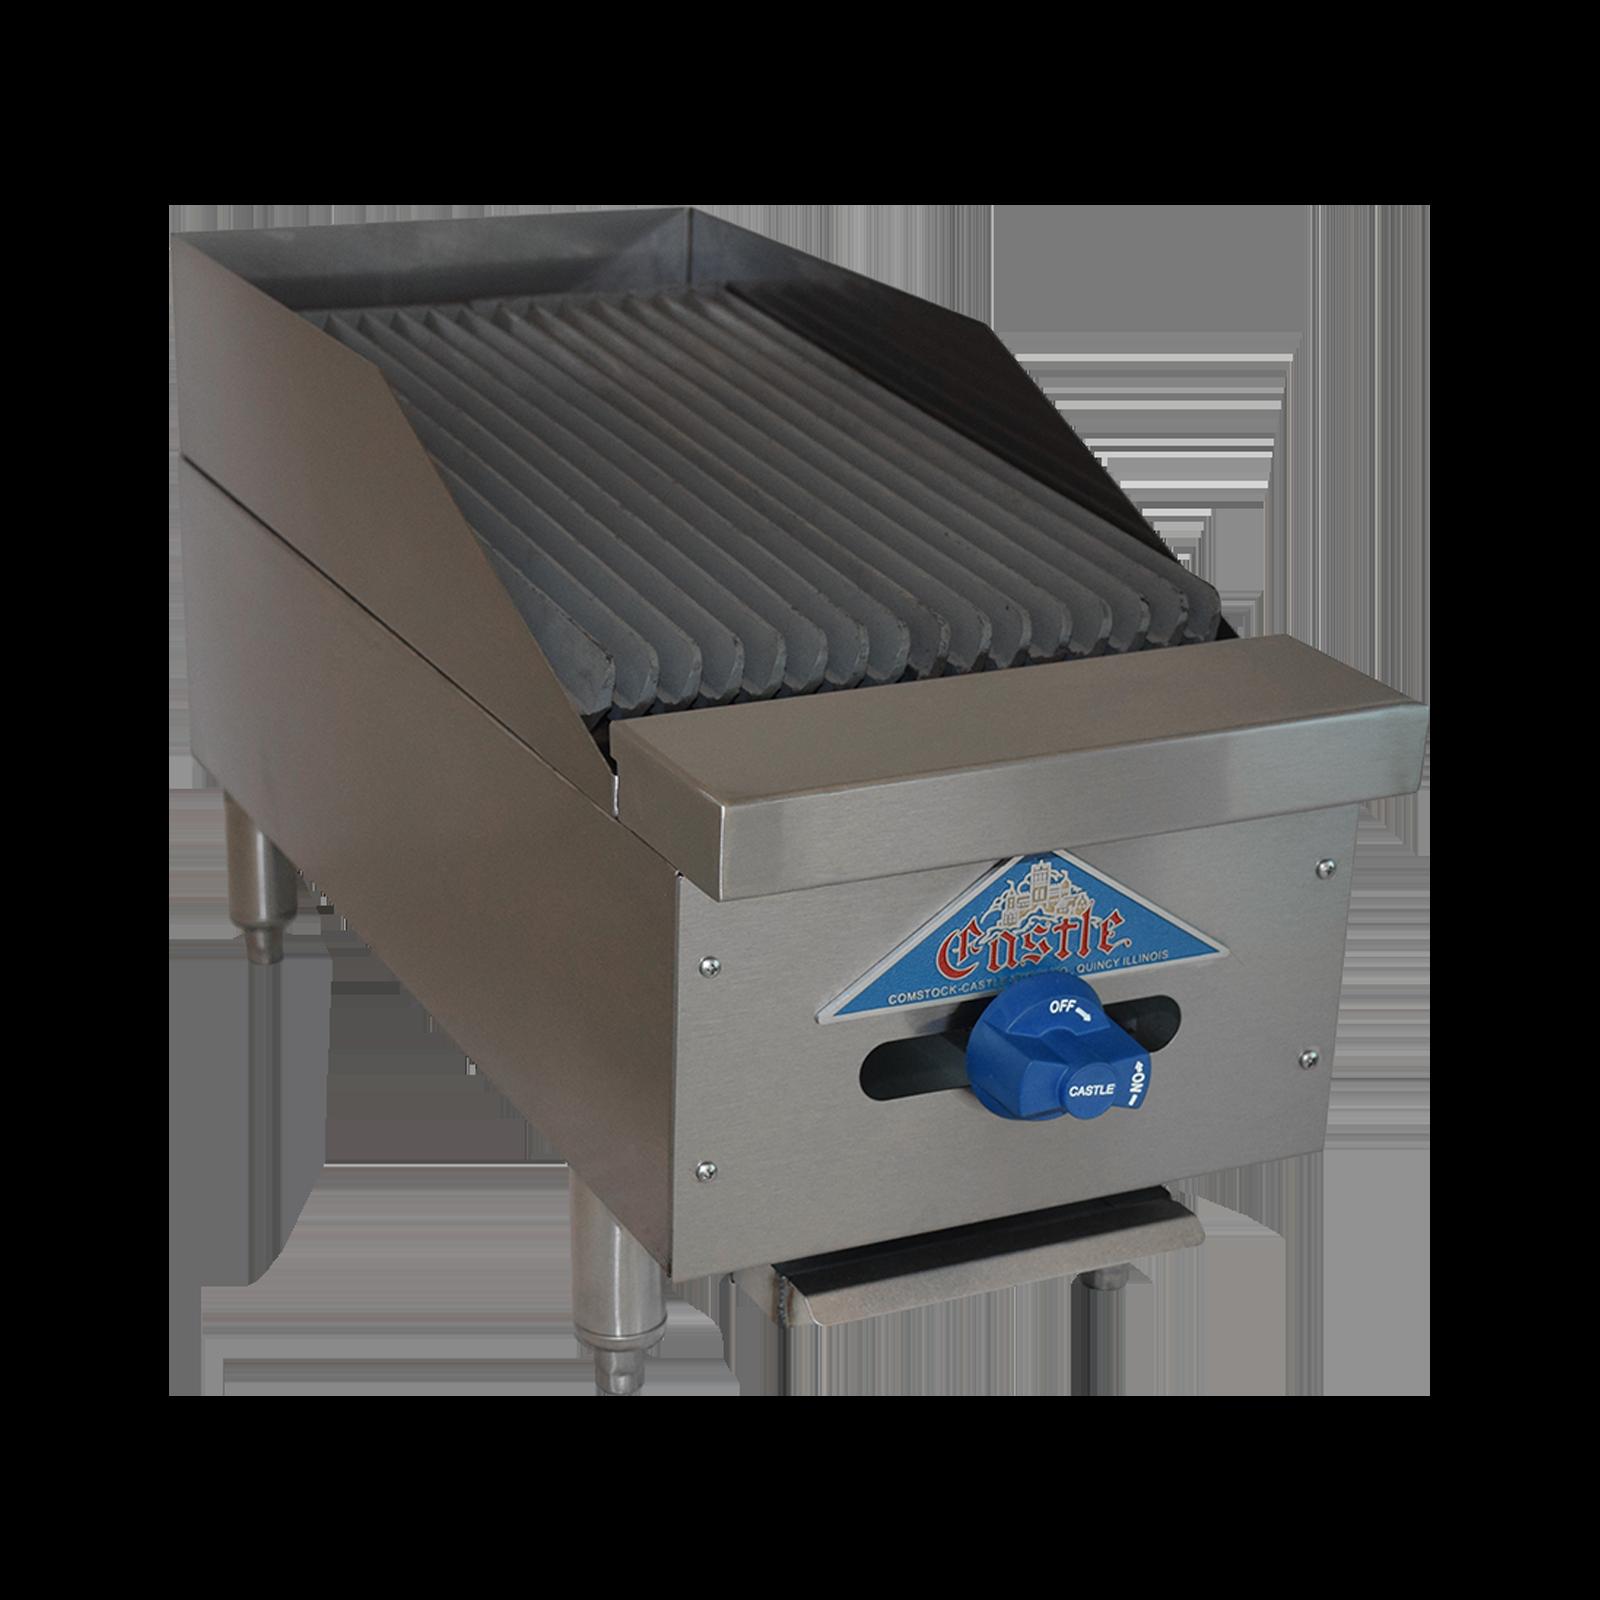 Comstock-Castle FHP12-1LB charbroiler, gas, countertop